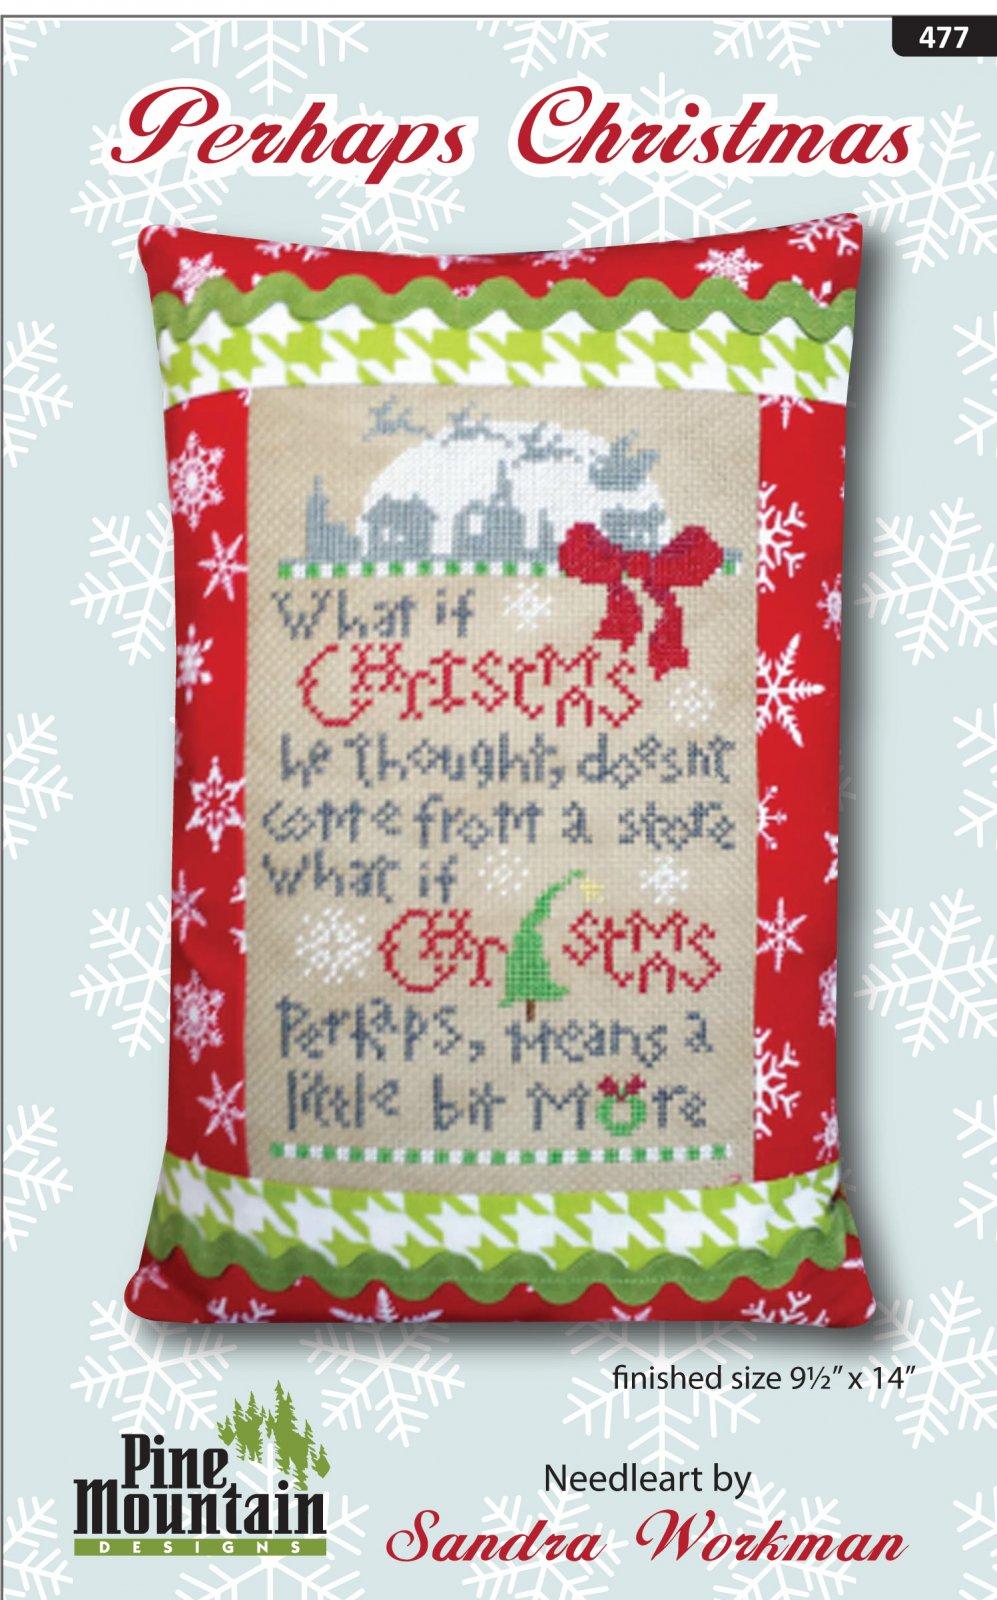 Perhaps Christmas pillow kit #477